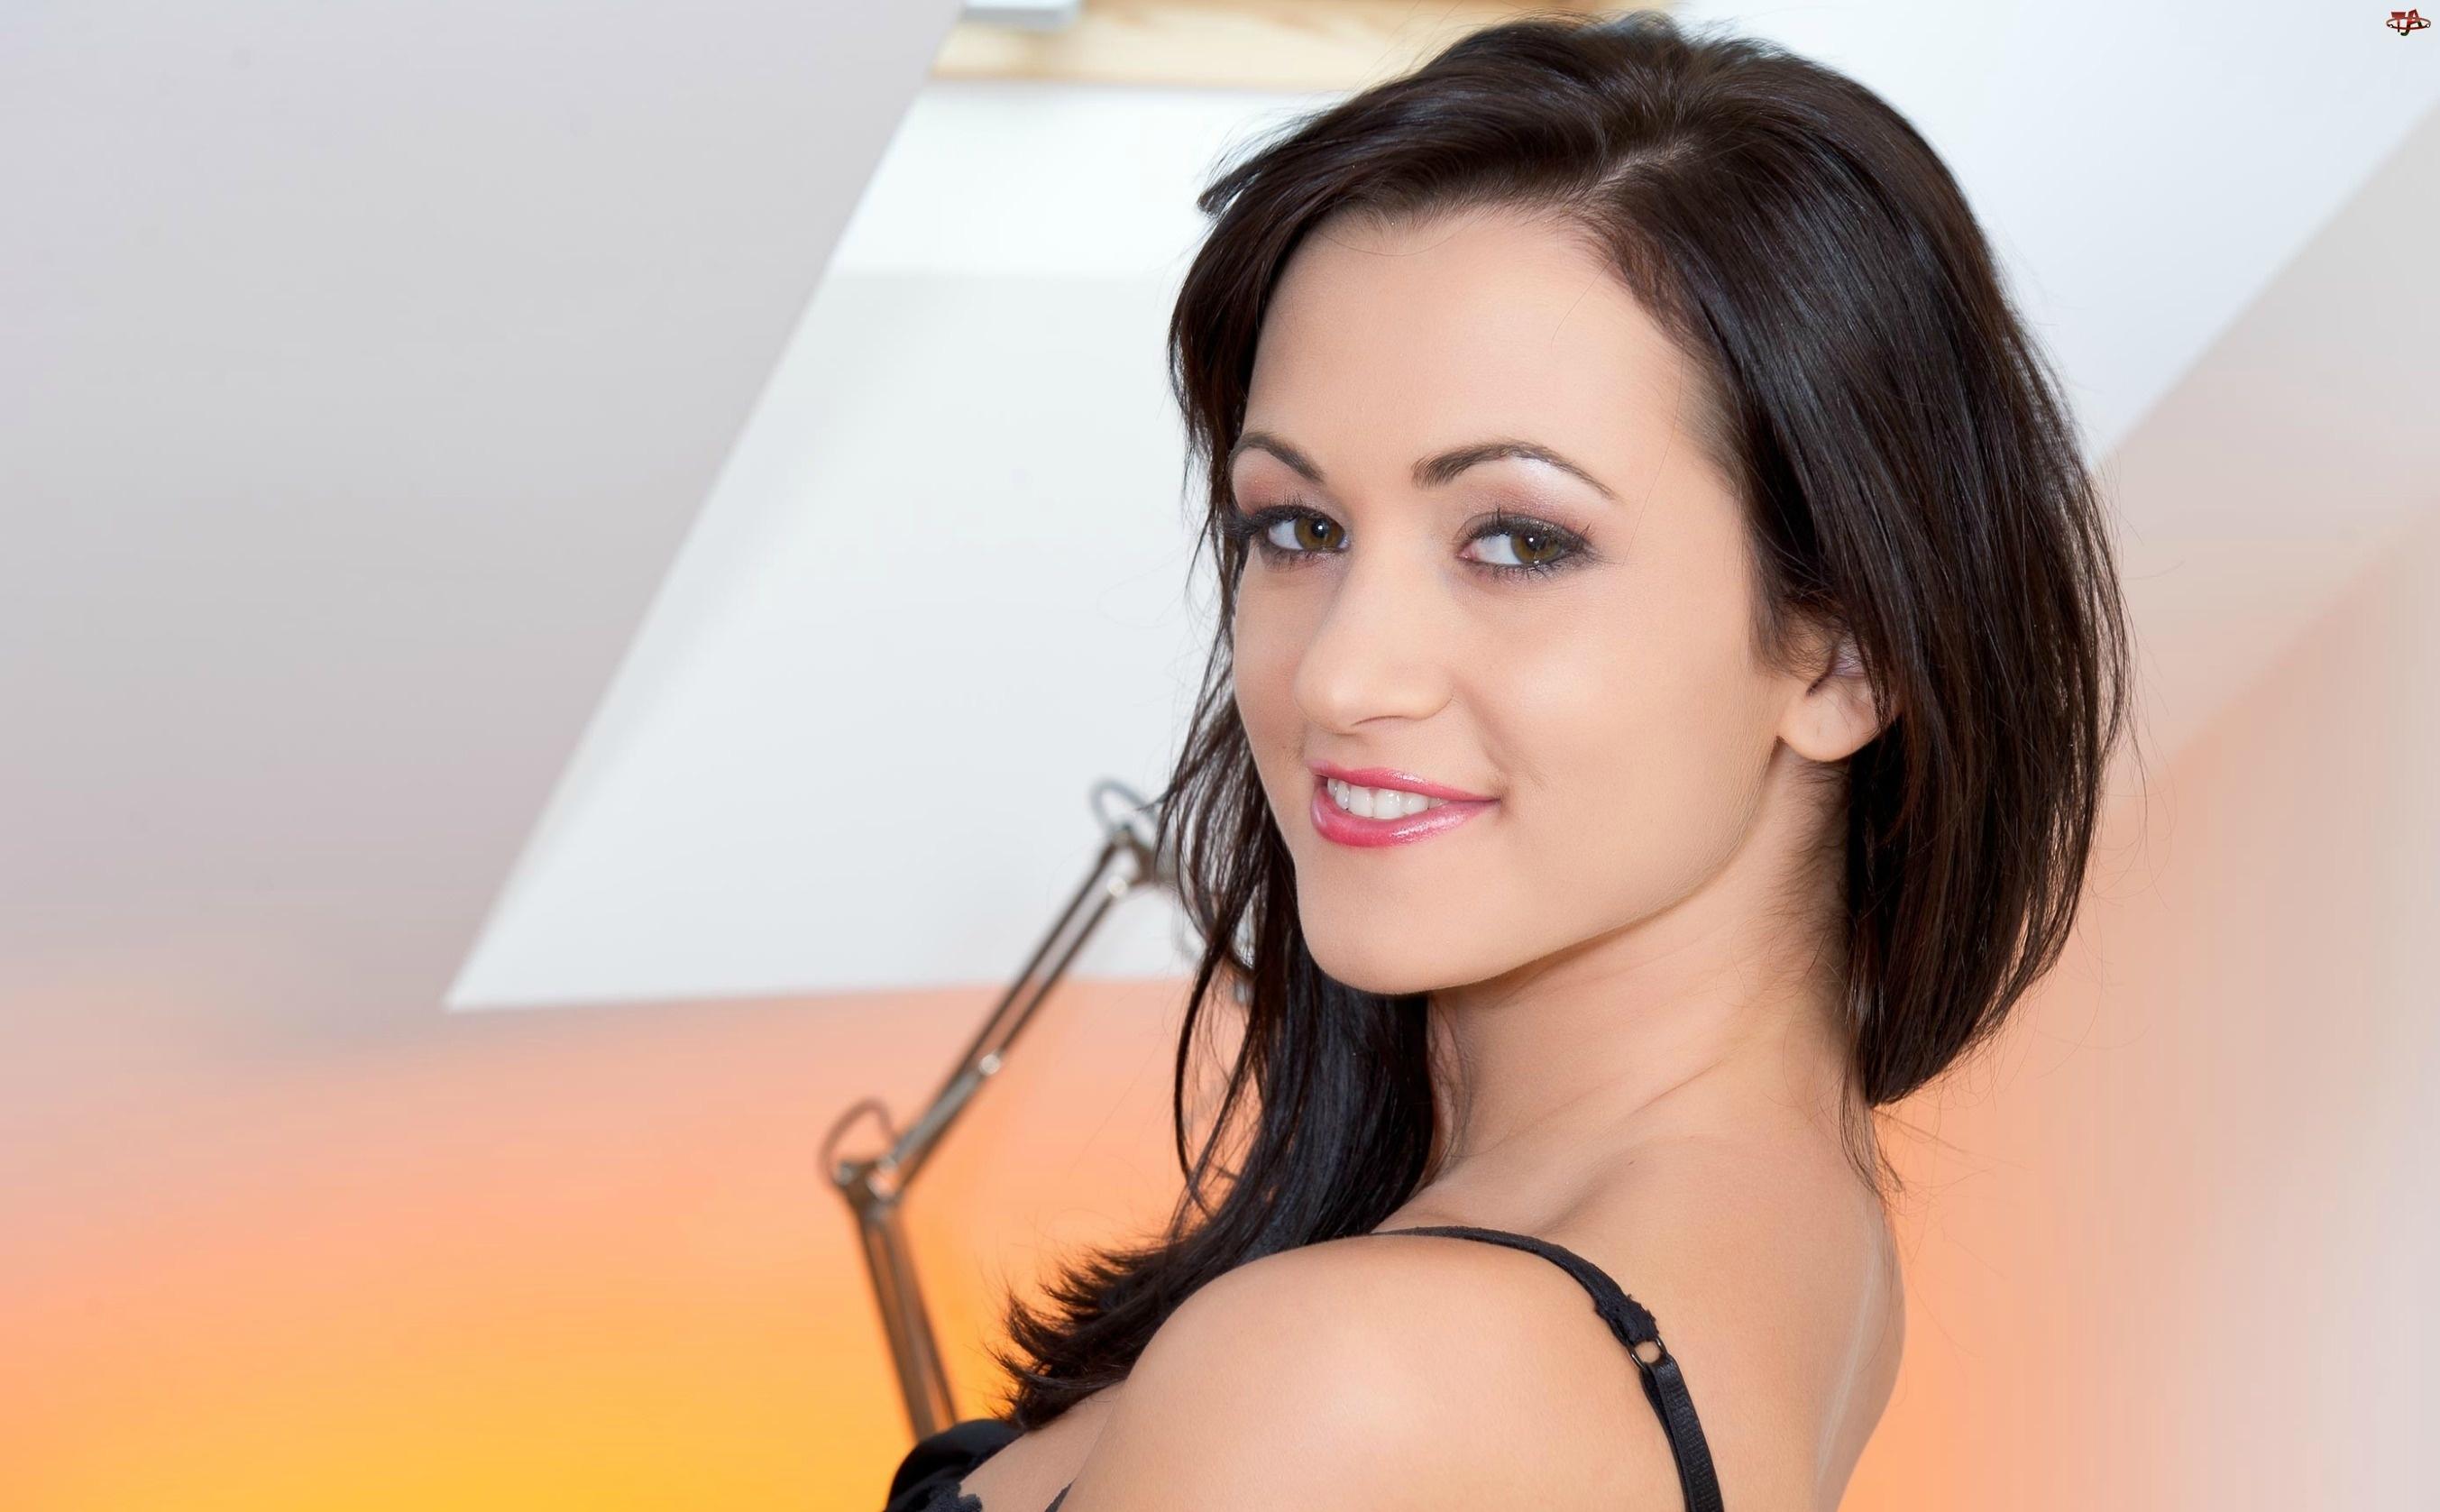 Göttliche Schönheit Tess Lyndon macht Liebe mit Ihrem versauten lesbischen freundin